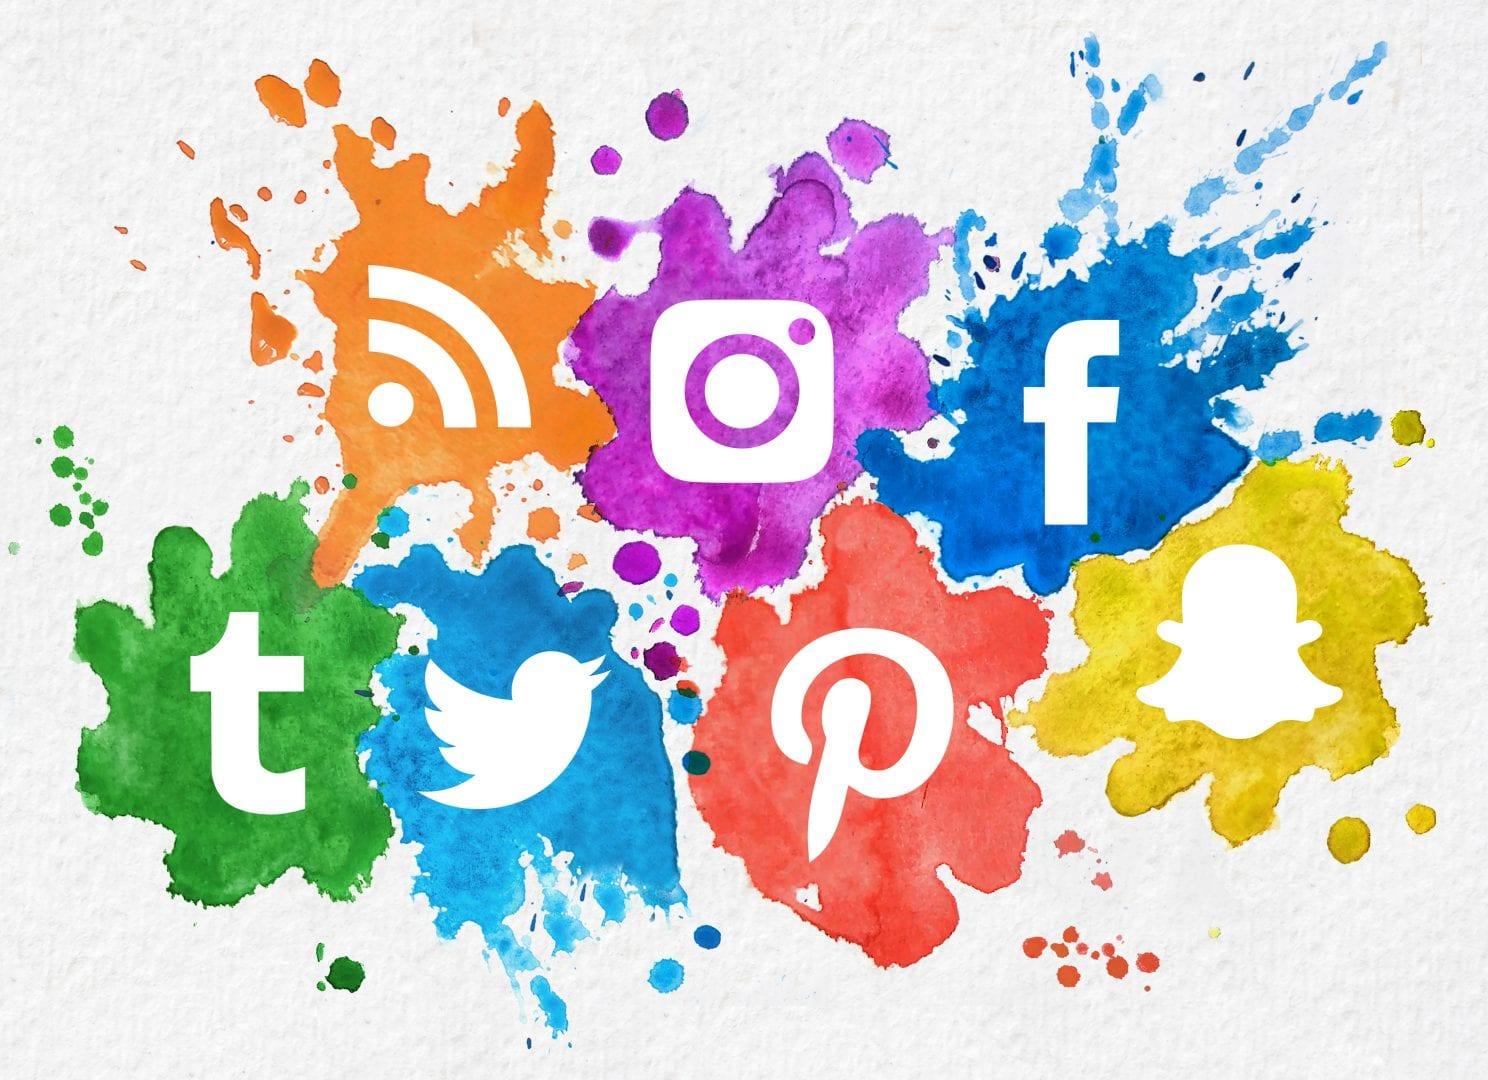 a variety of social media symbols